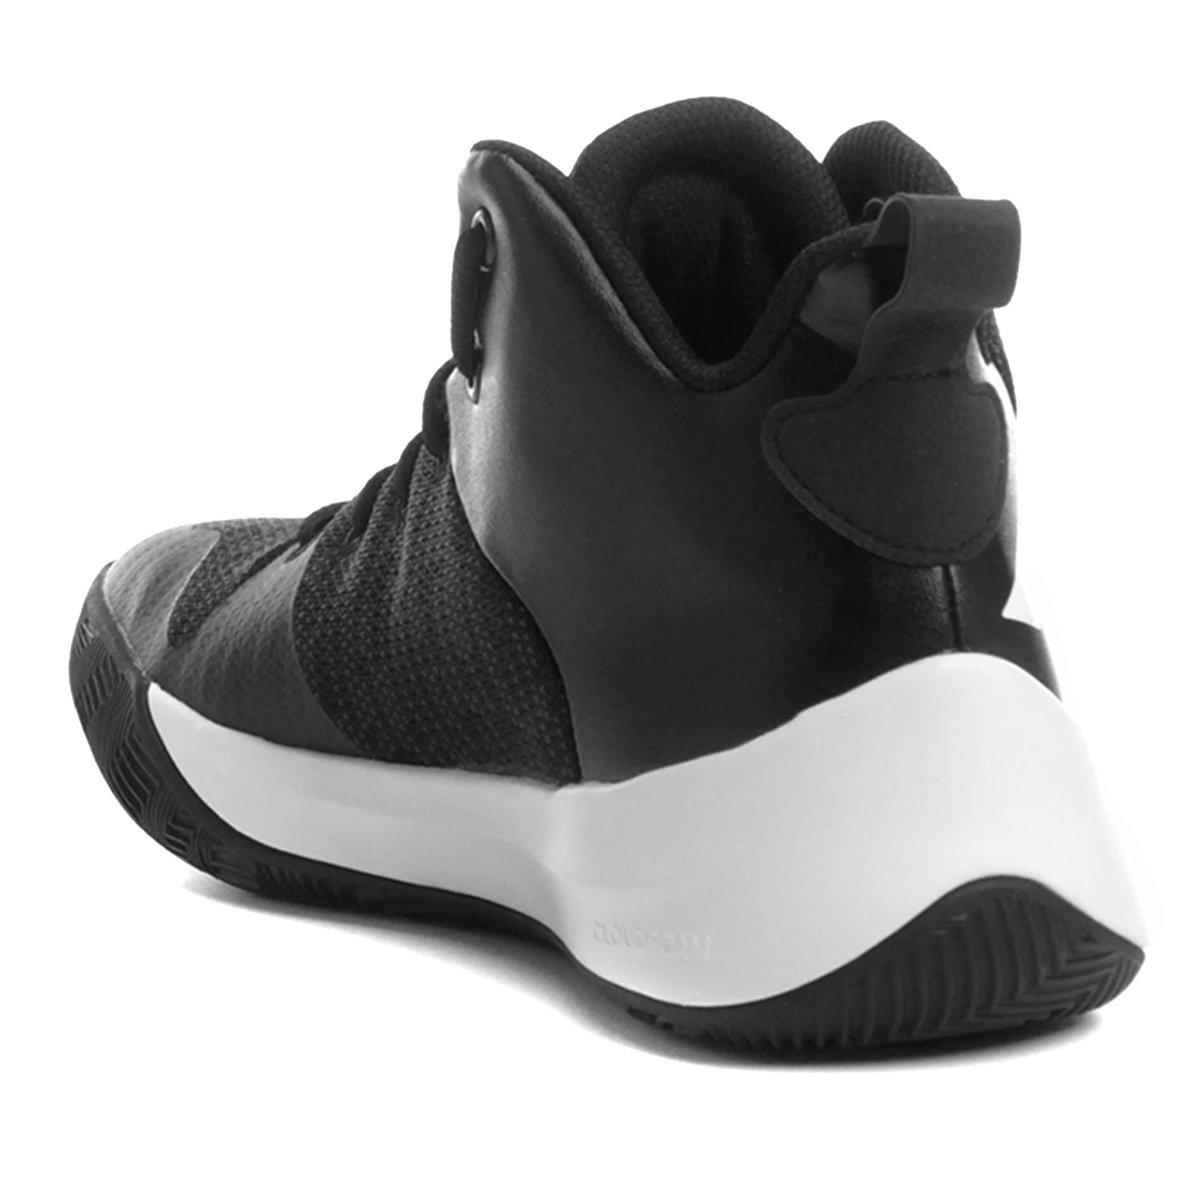 Tênis Adidas Explosive Flash Masculino - Compre Agora  a9de9495aa7a6